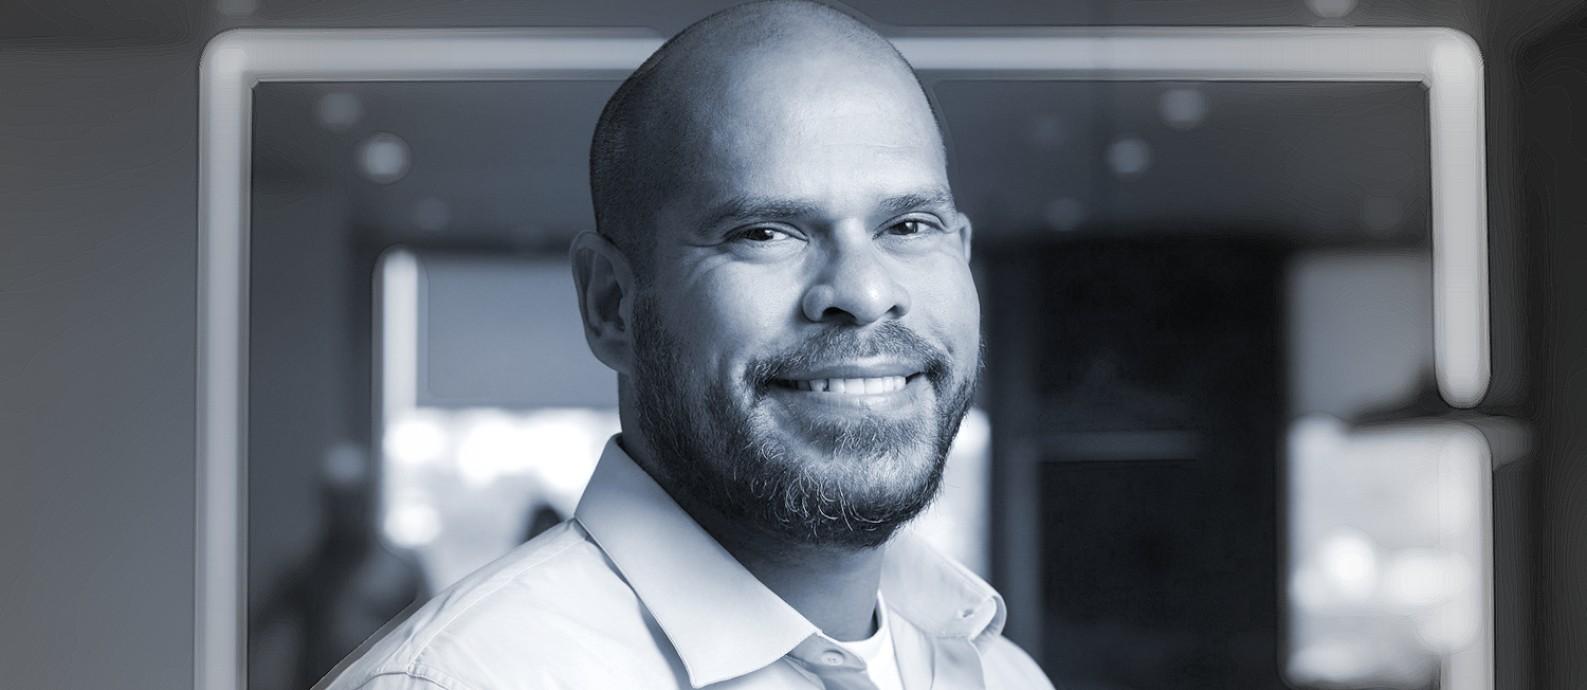 O contador Silvio Silva, diretor comercial da Johnson & Johnson Foto: Divulgação / Editoria de Arte